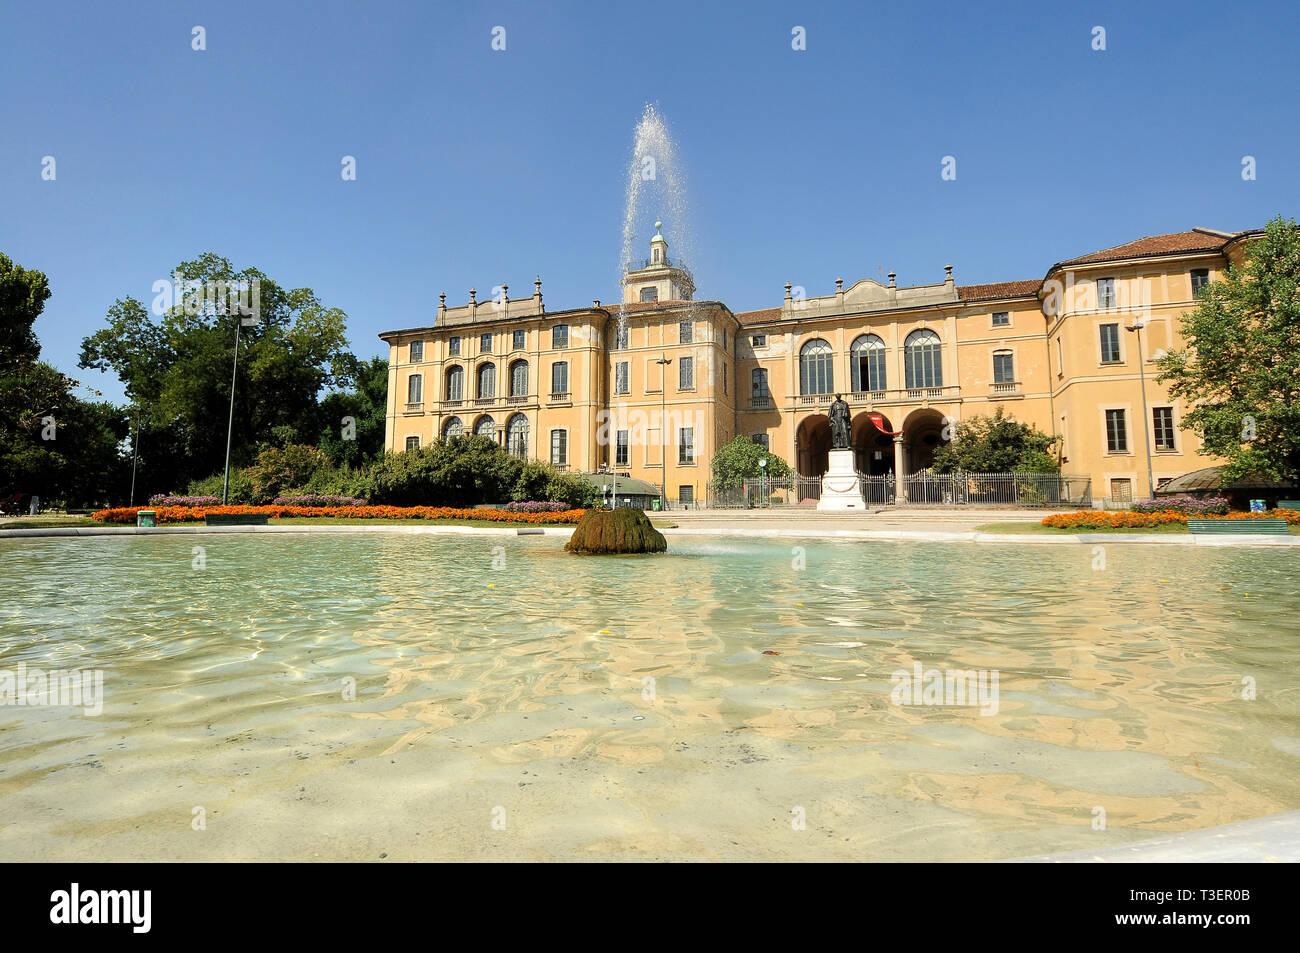 Italia, Lombardia, Milano, Palazzo Dugnani, Giardini Pubblici Indro Montanelli - Stock Image